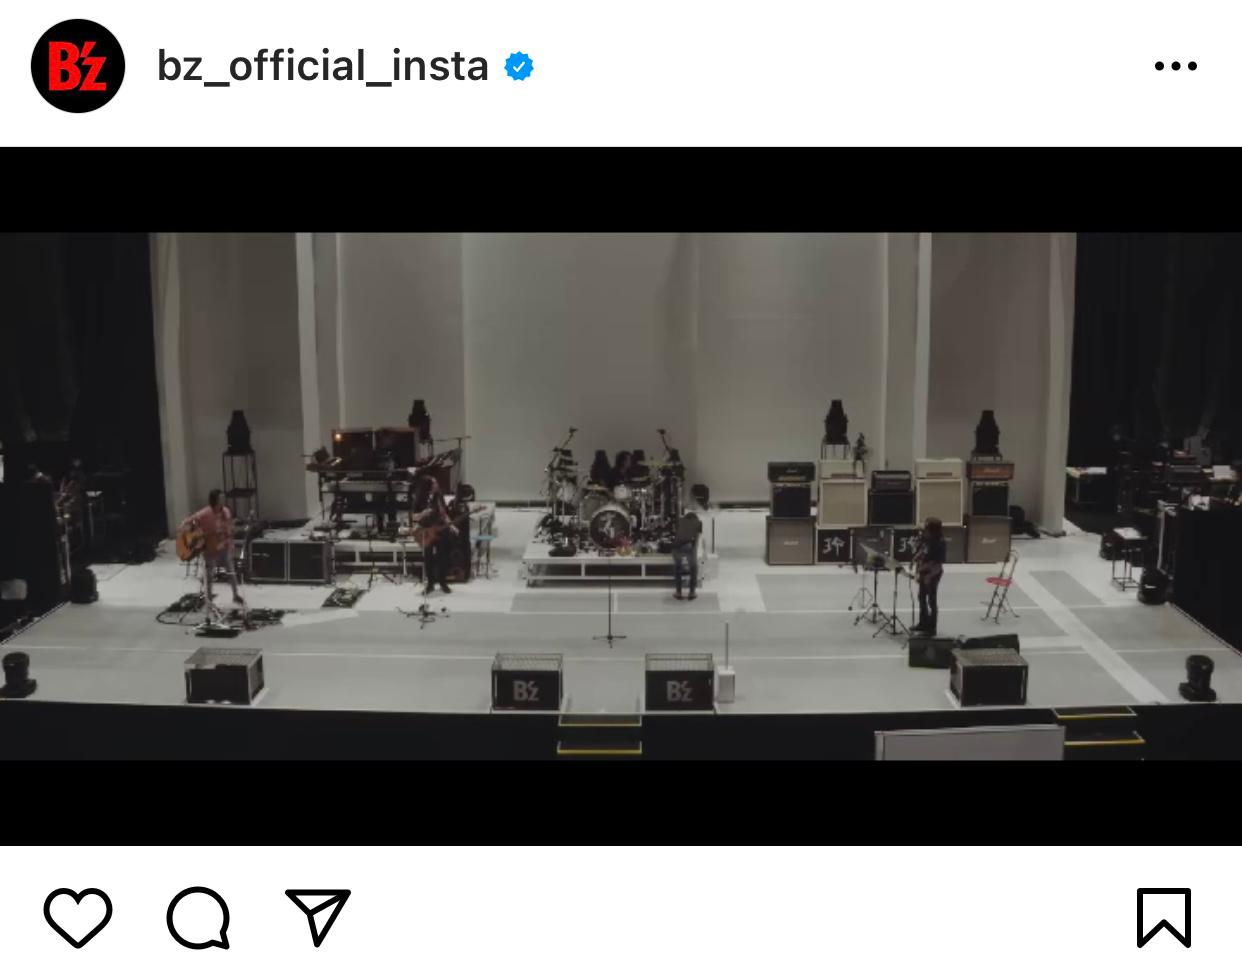 B'zが公式SNSで公開したコンプリートボックス収録の「Day4」ドキュメンタリーダイジェスト映像